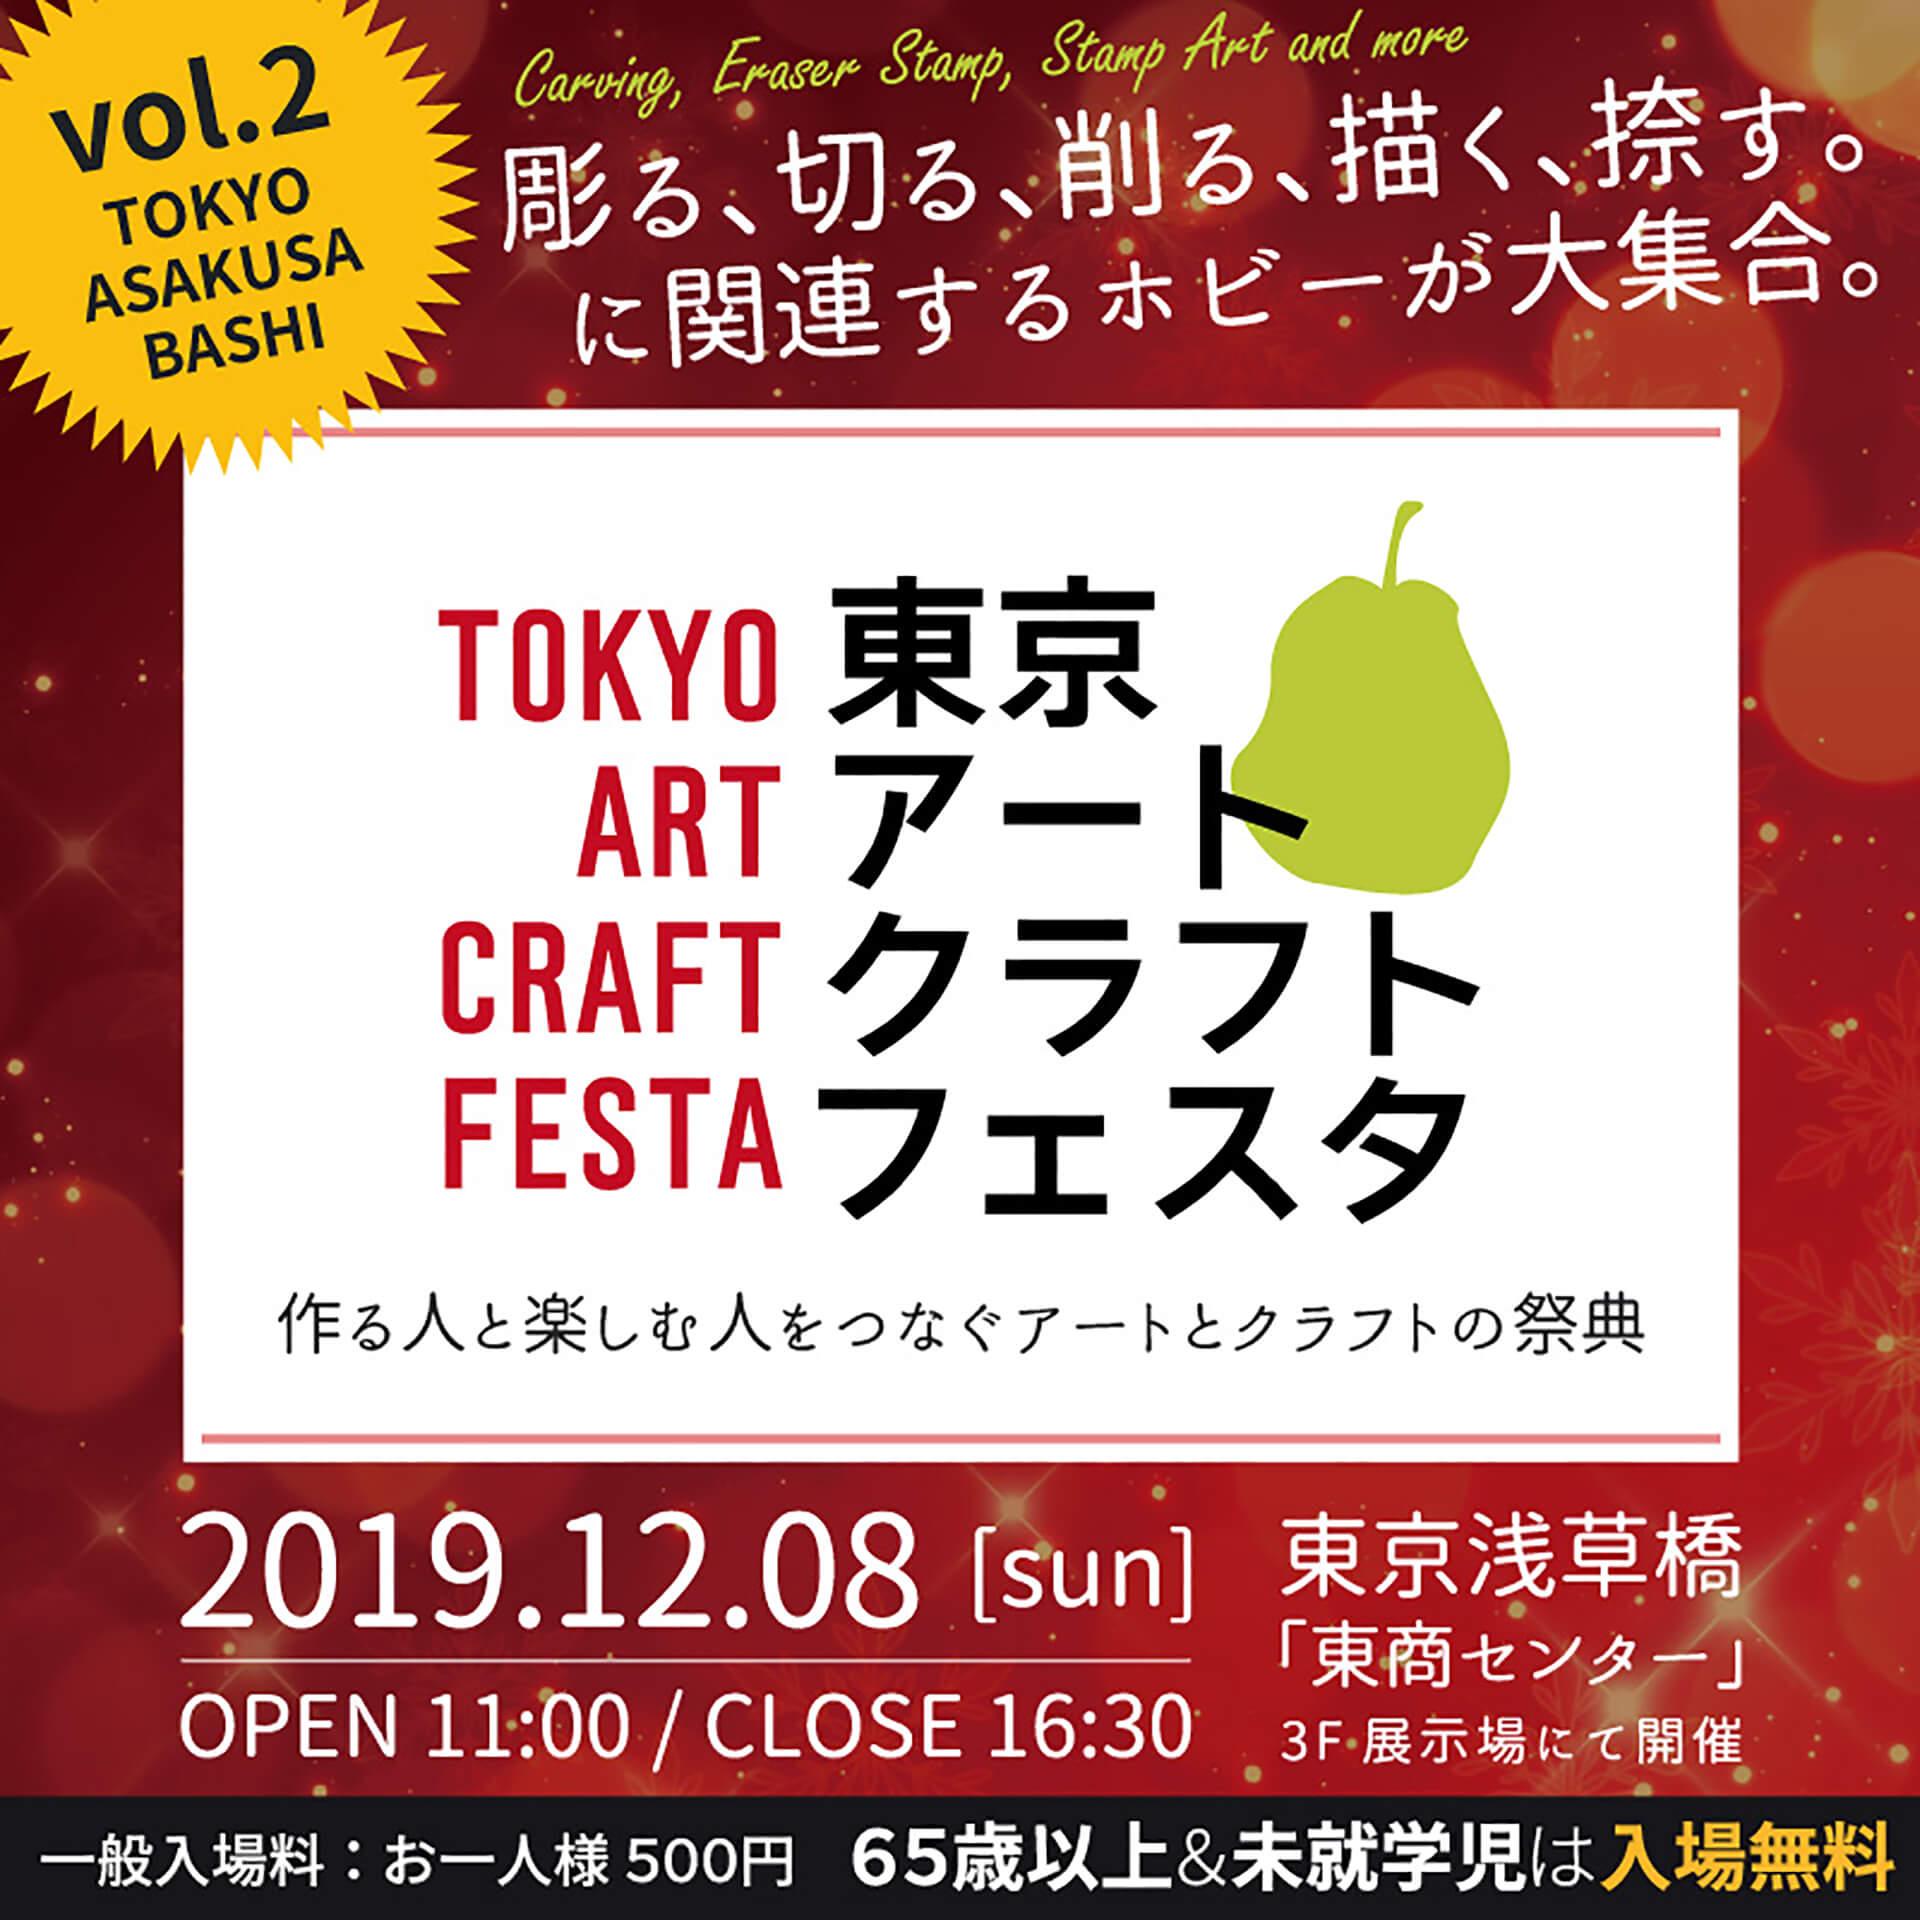 東京アートクラフトフェスタ vol.3バナー